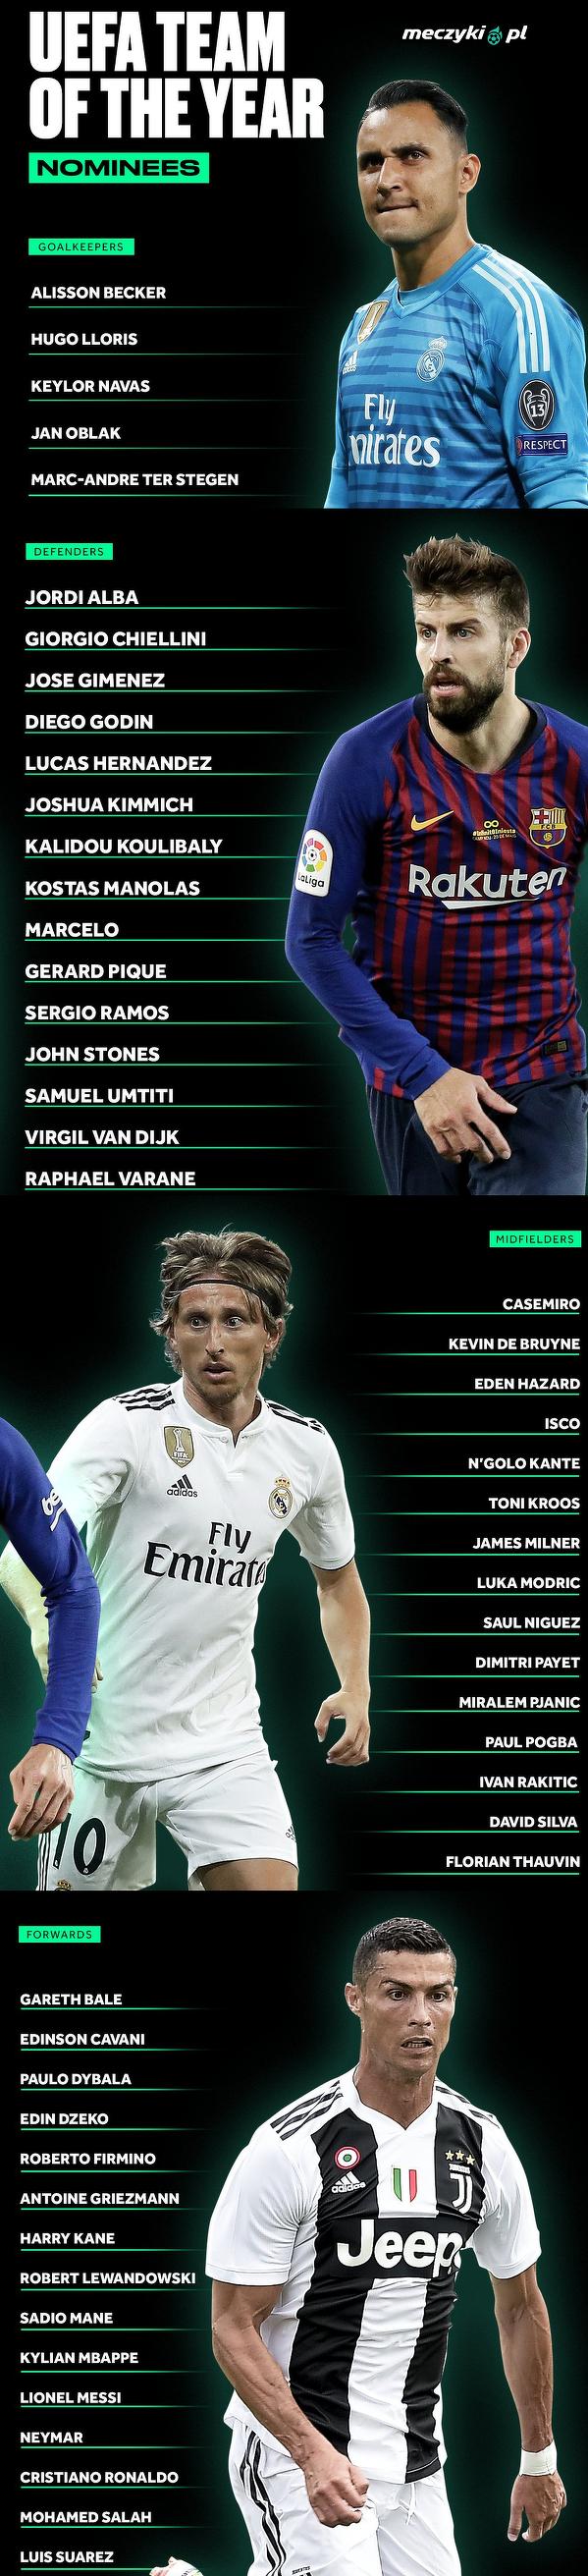 Zawodnicy nominowani do Drużyny Roku UEFA